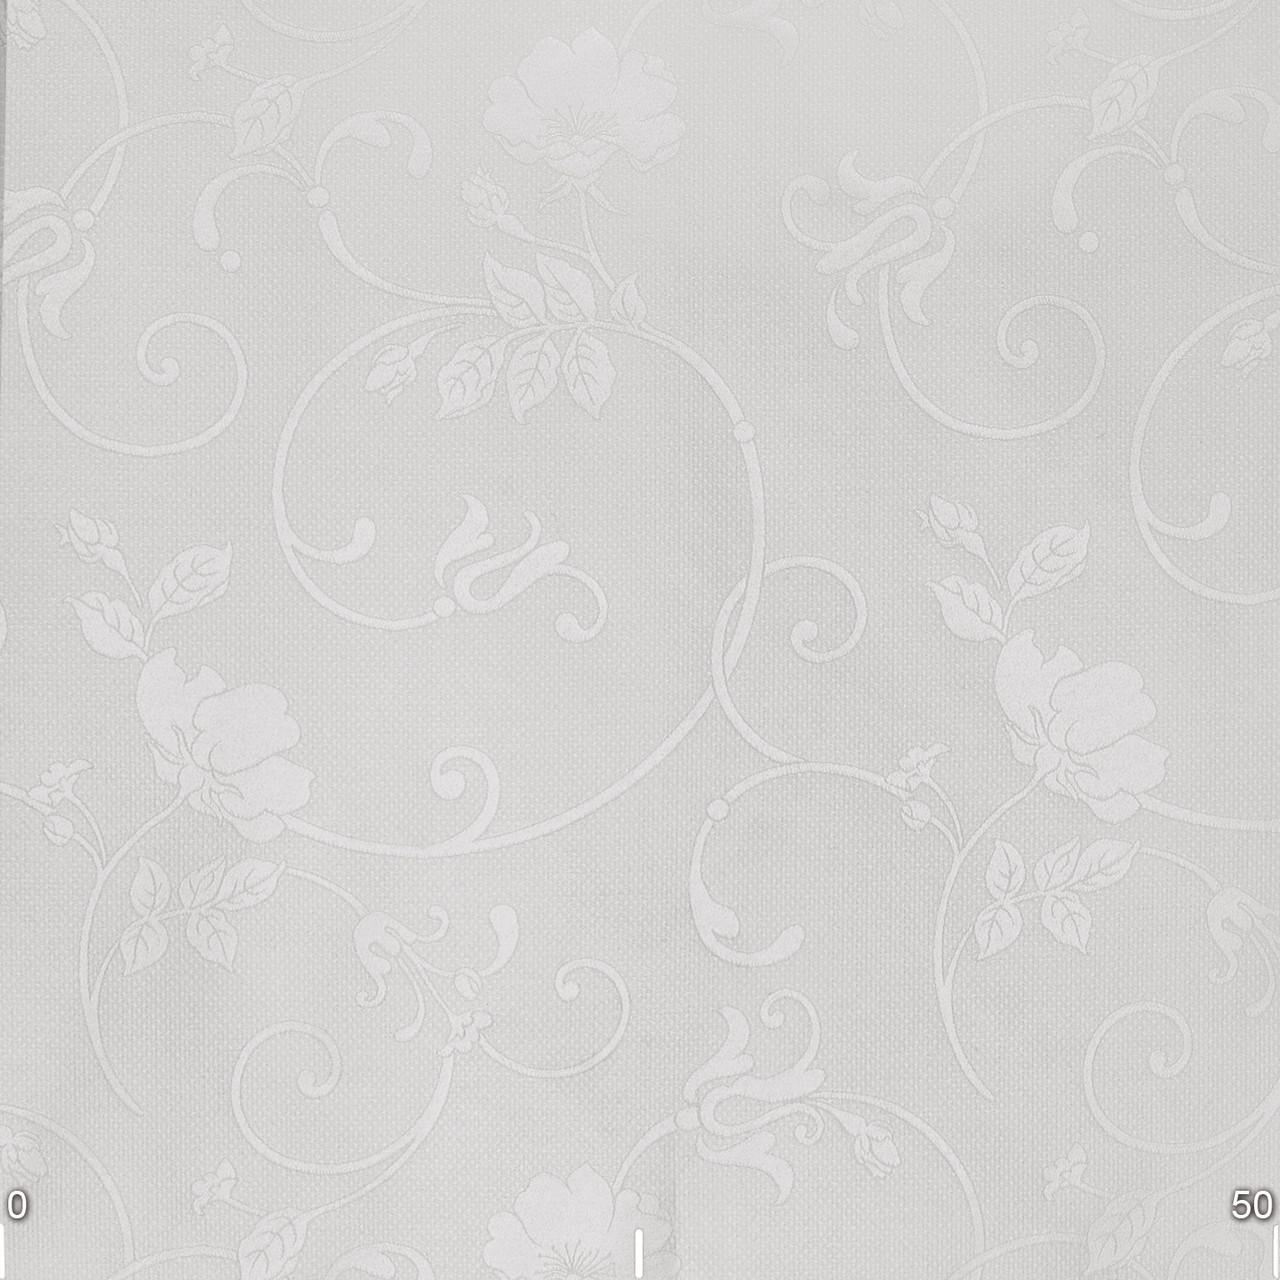 Скатертные тканини для ресторану квіткові візерунки на сірому 320см 85689v2